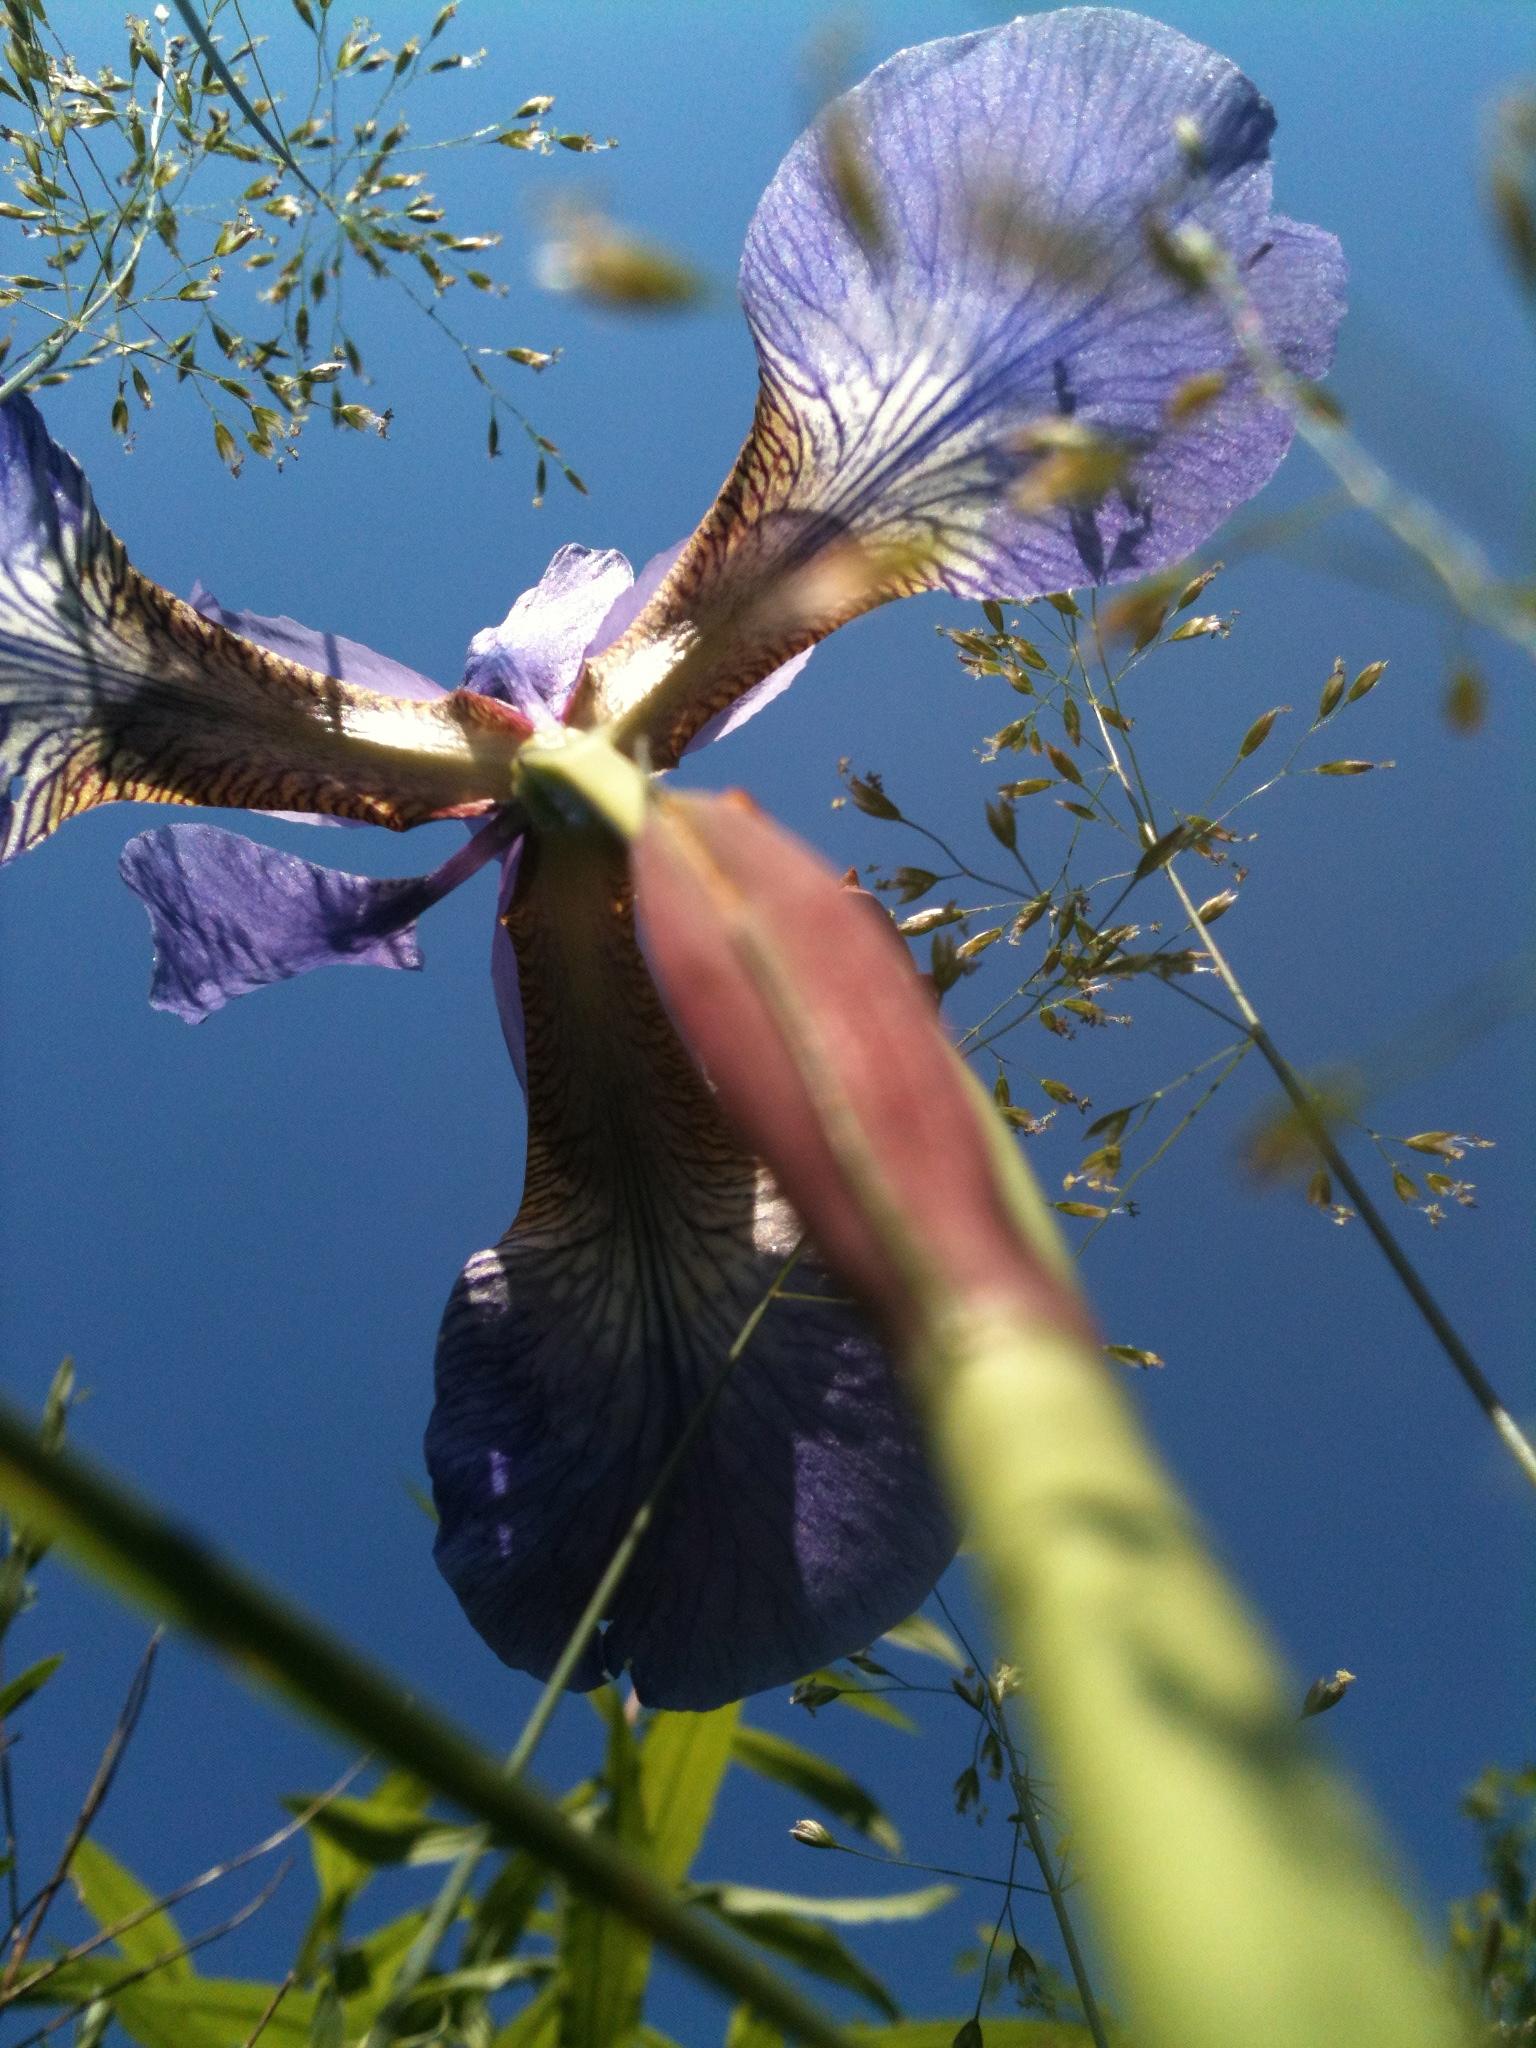 Susanne Reufer: Blaue Lilie als Symbol für das Wachsen